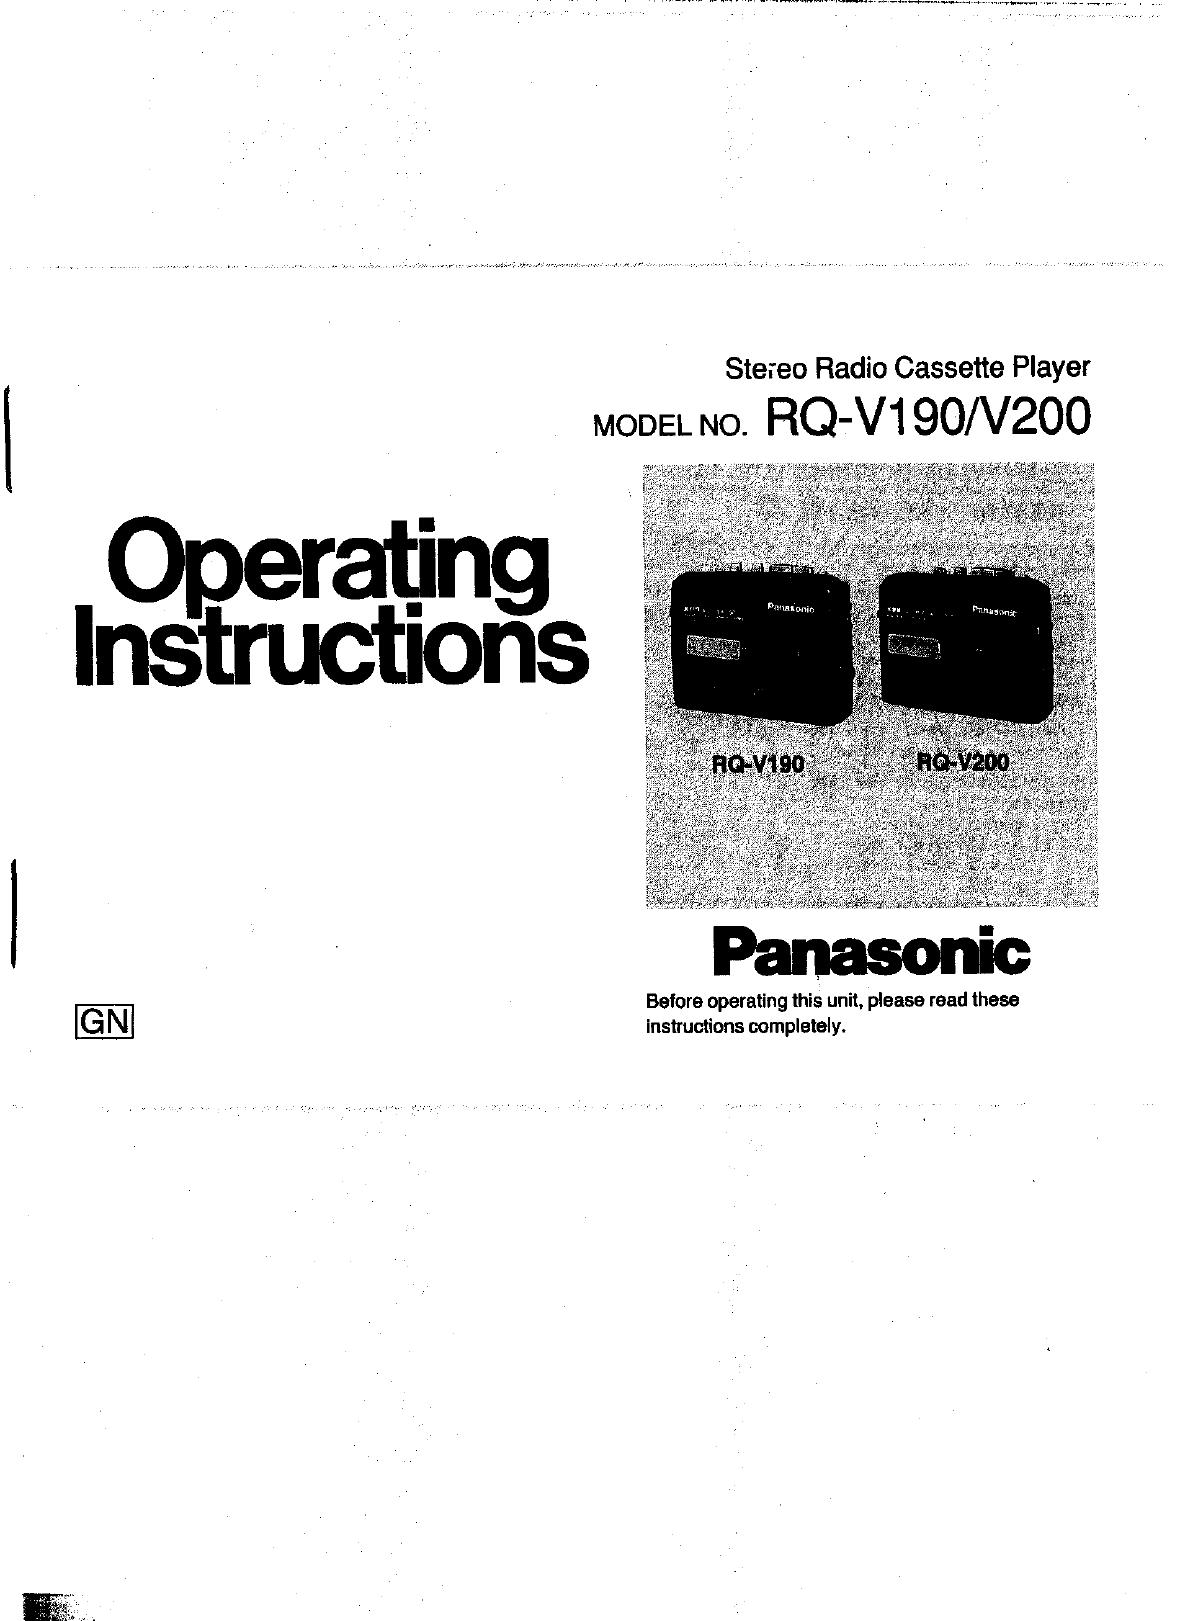 Panasonic Cassette Player RQ-V200 User Guide